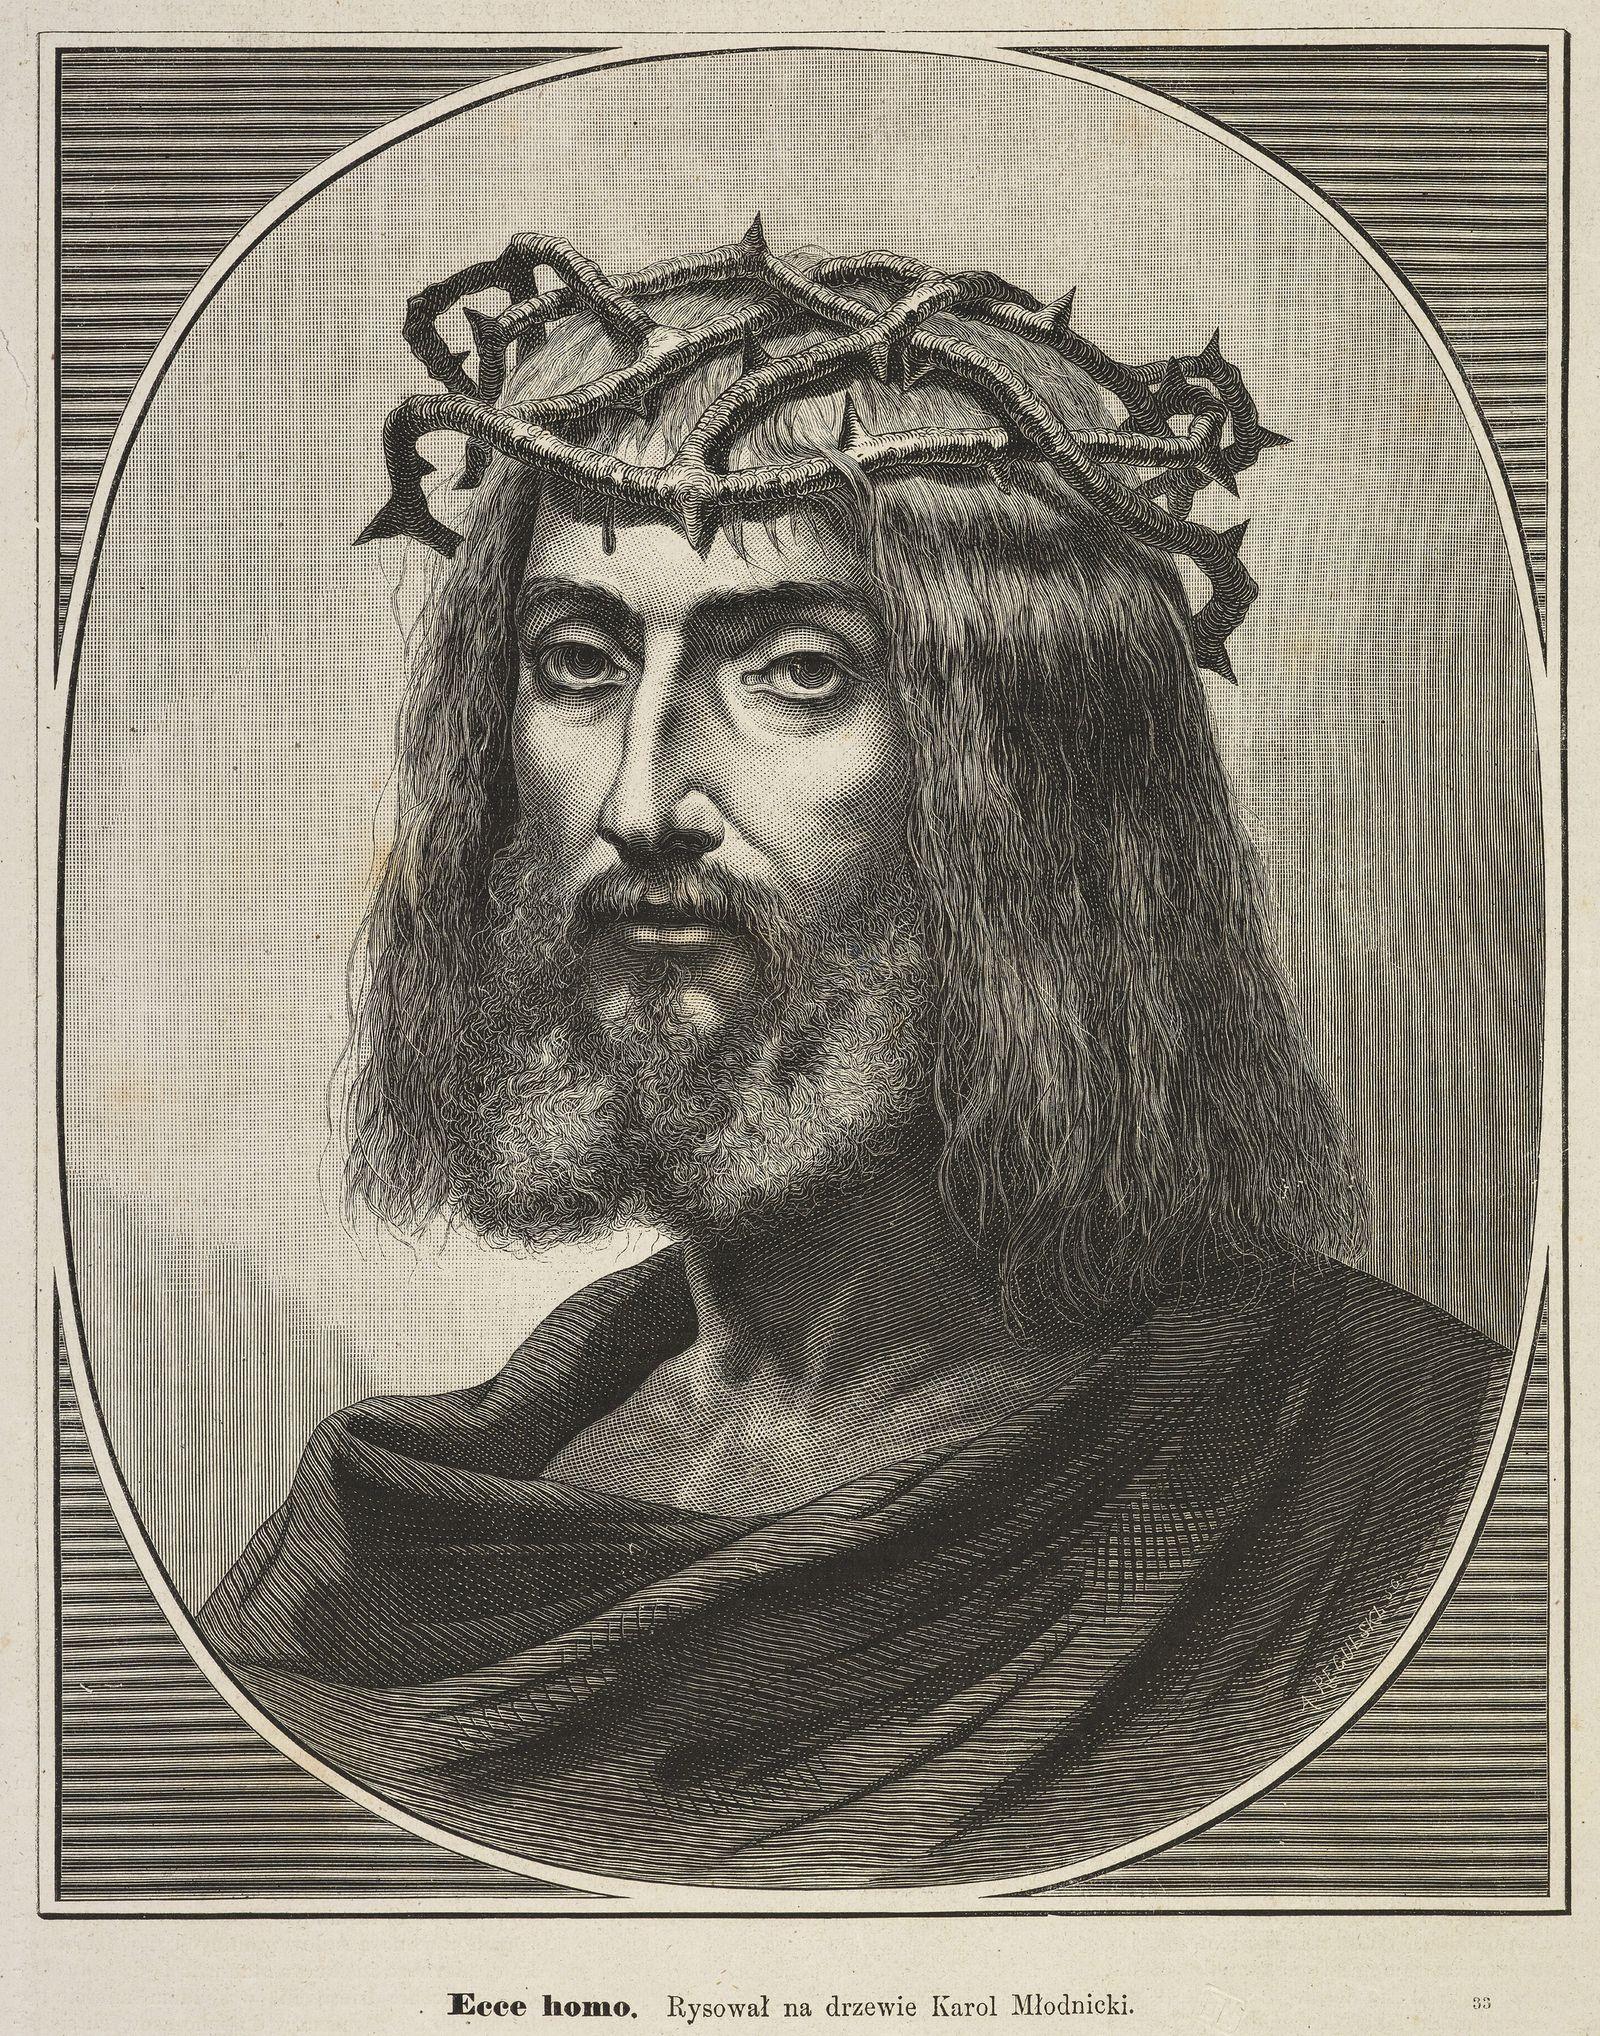 Кароль Млодніцький. Христос в тереновому вінку, 1876; дереворит, 27х23 см; BNW